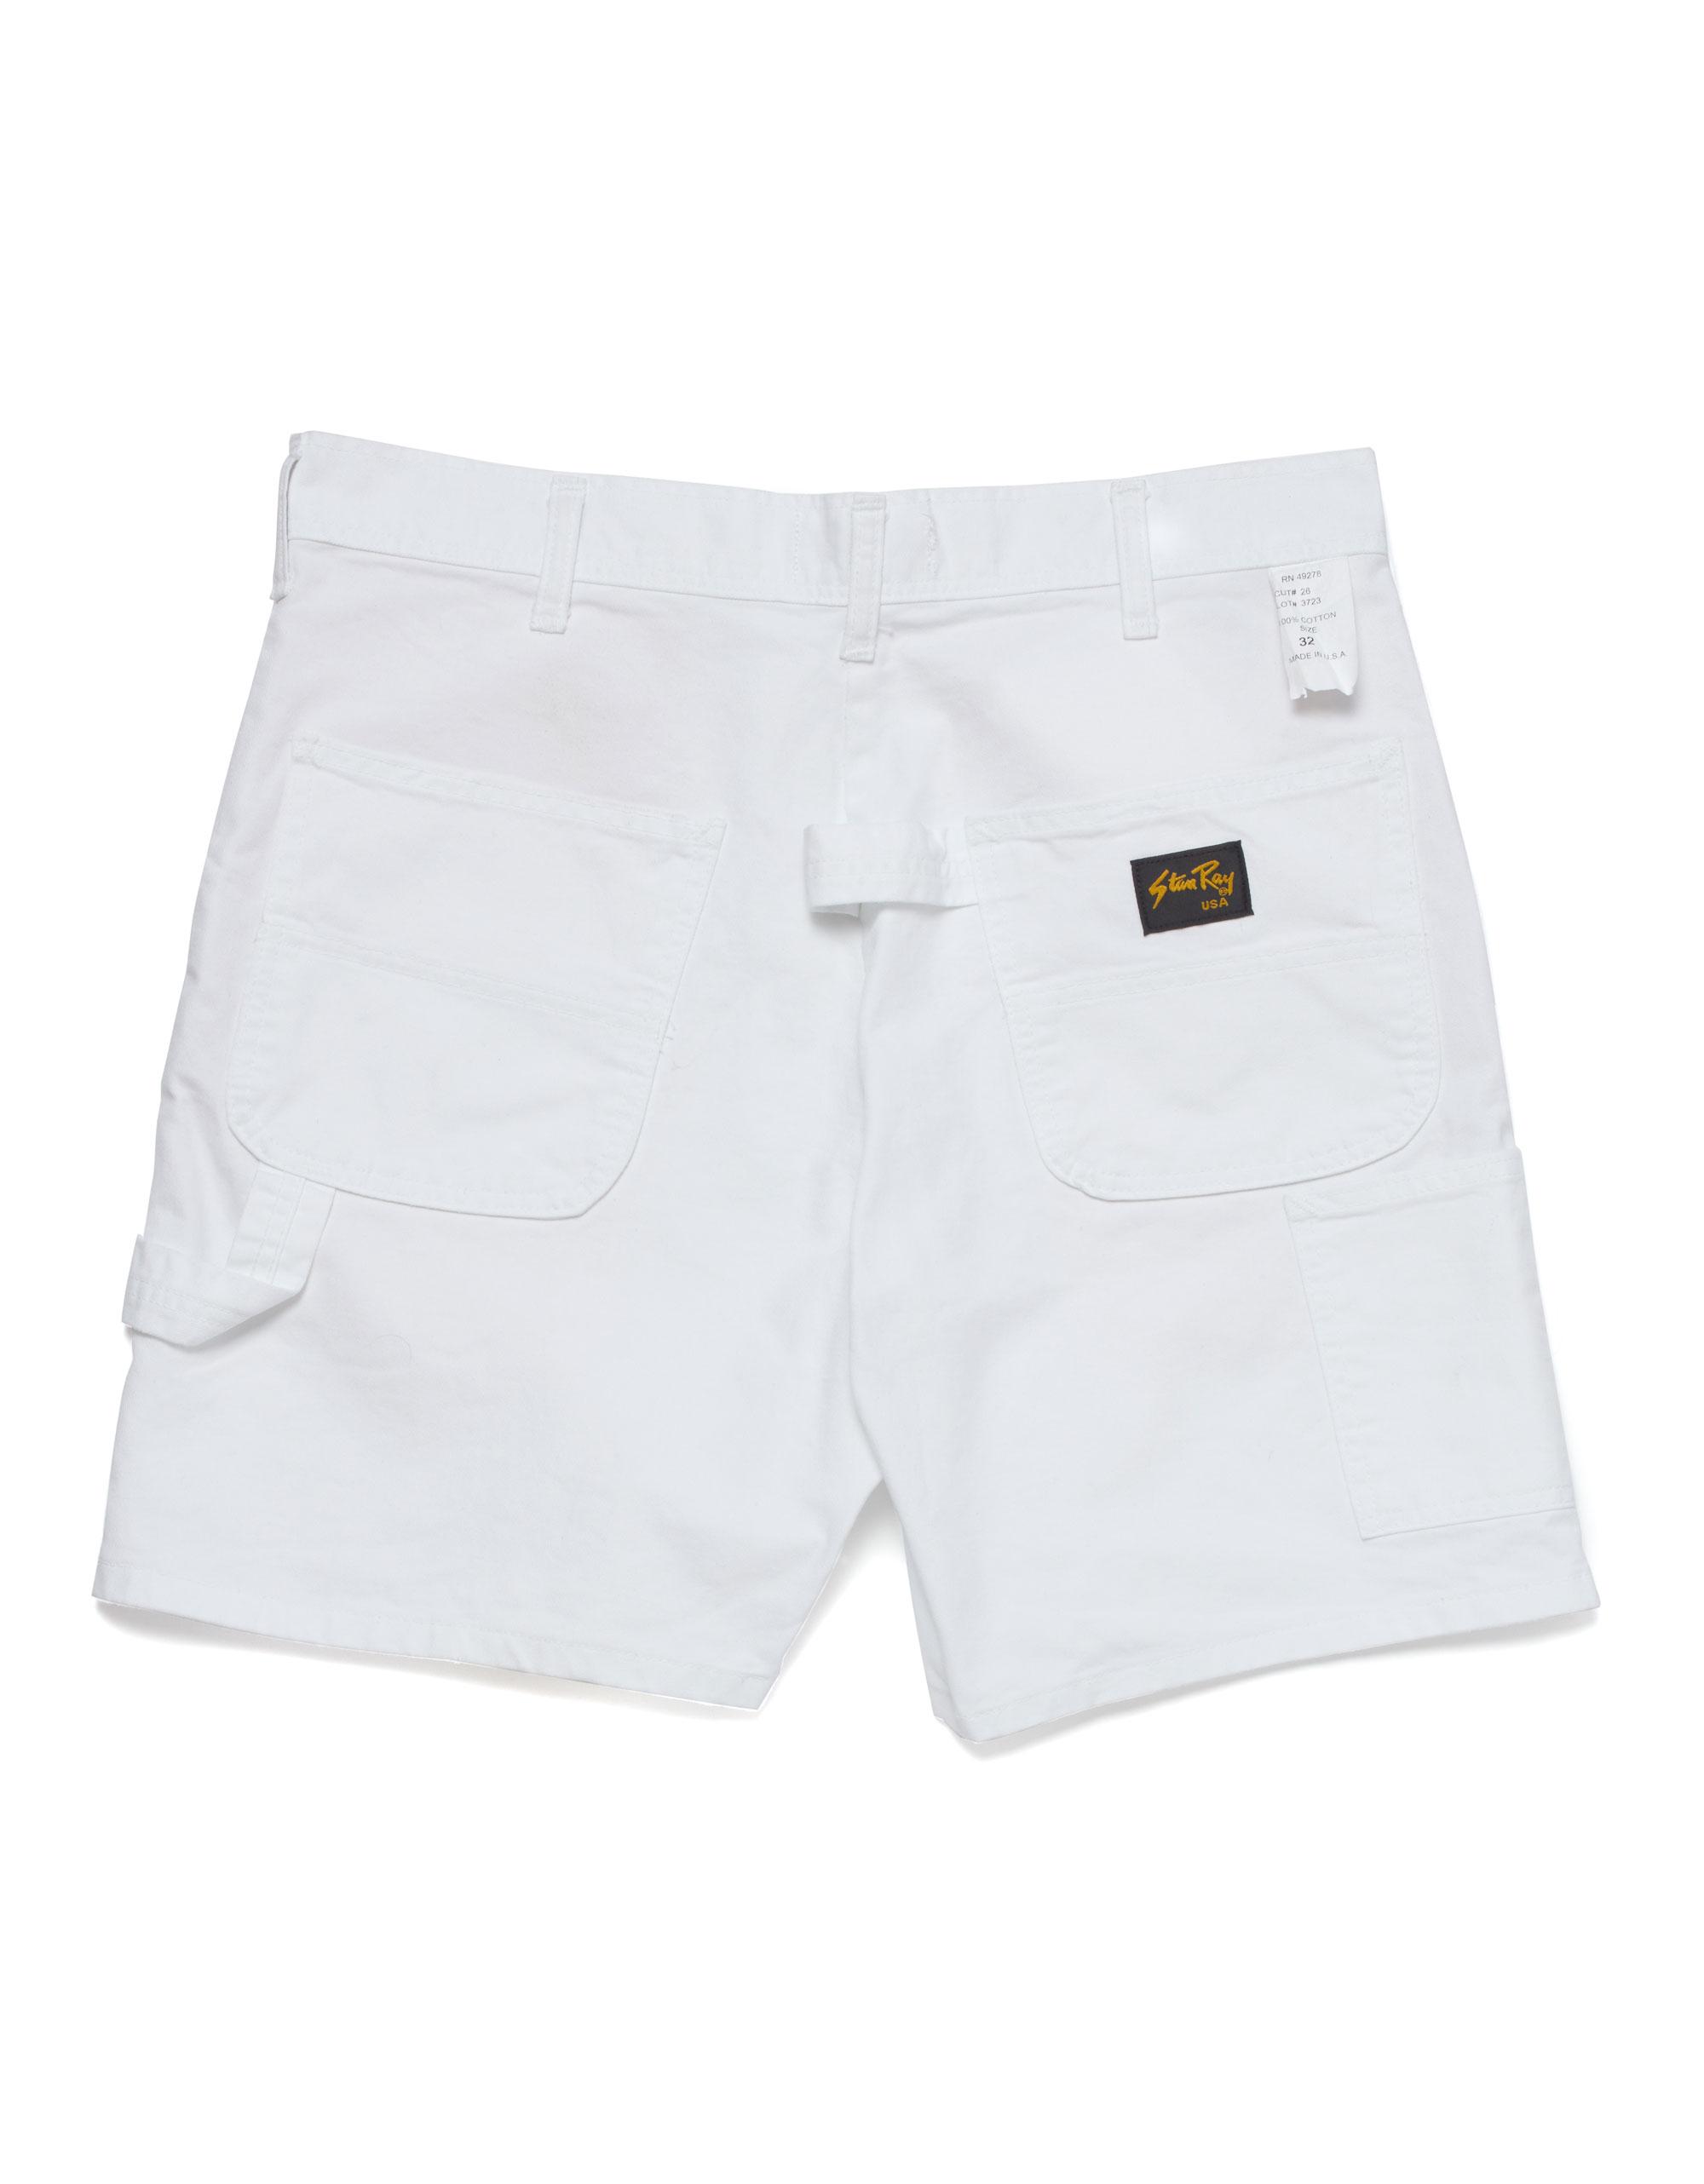 ymc_stanray_shorts_2